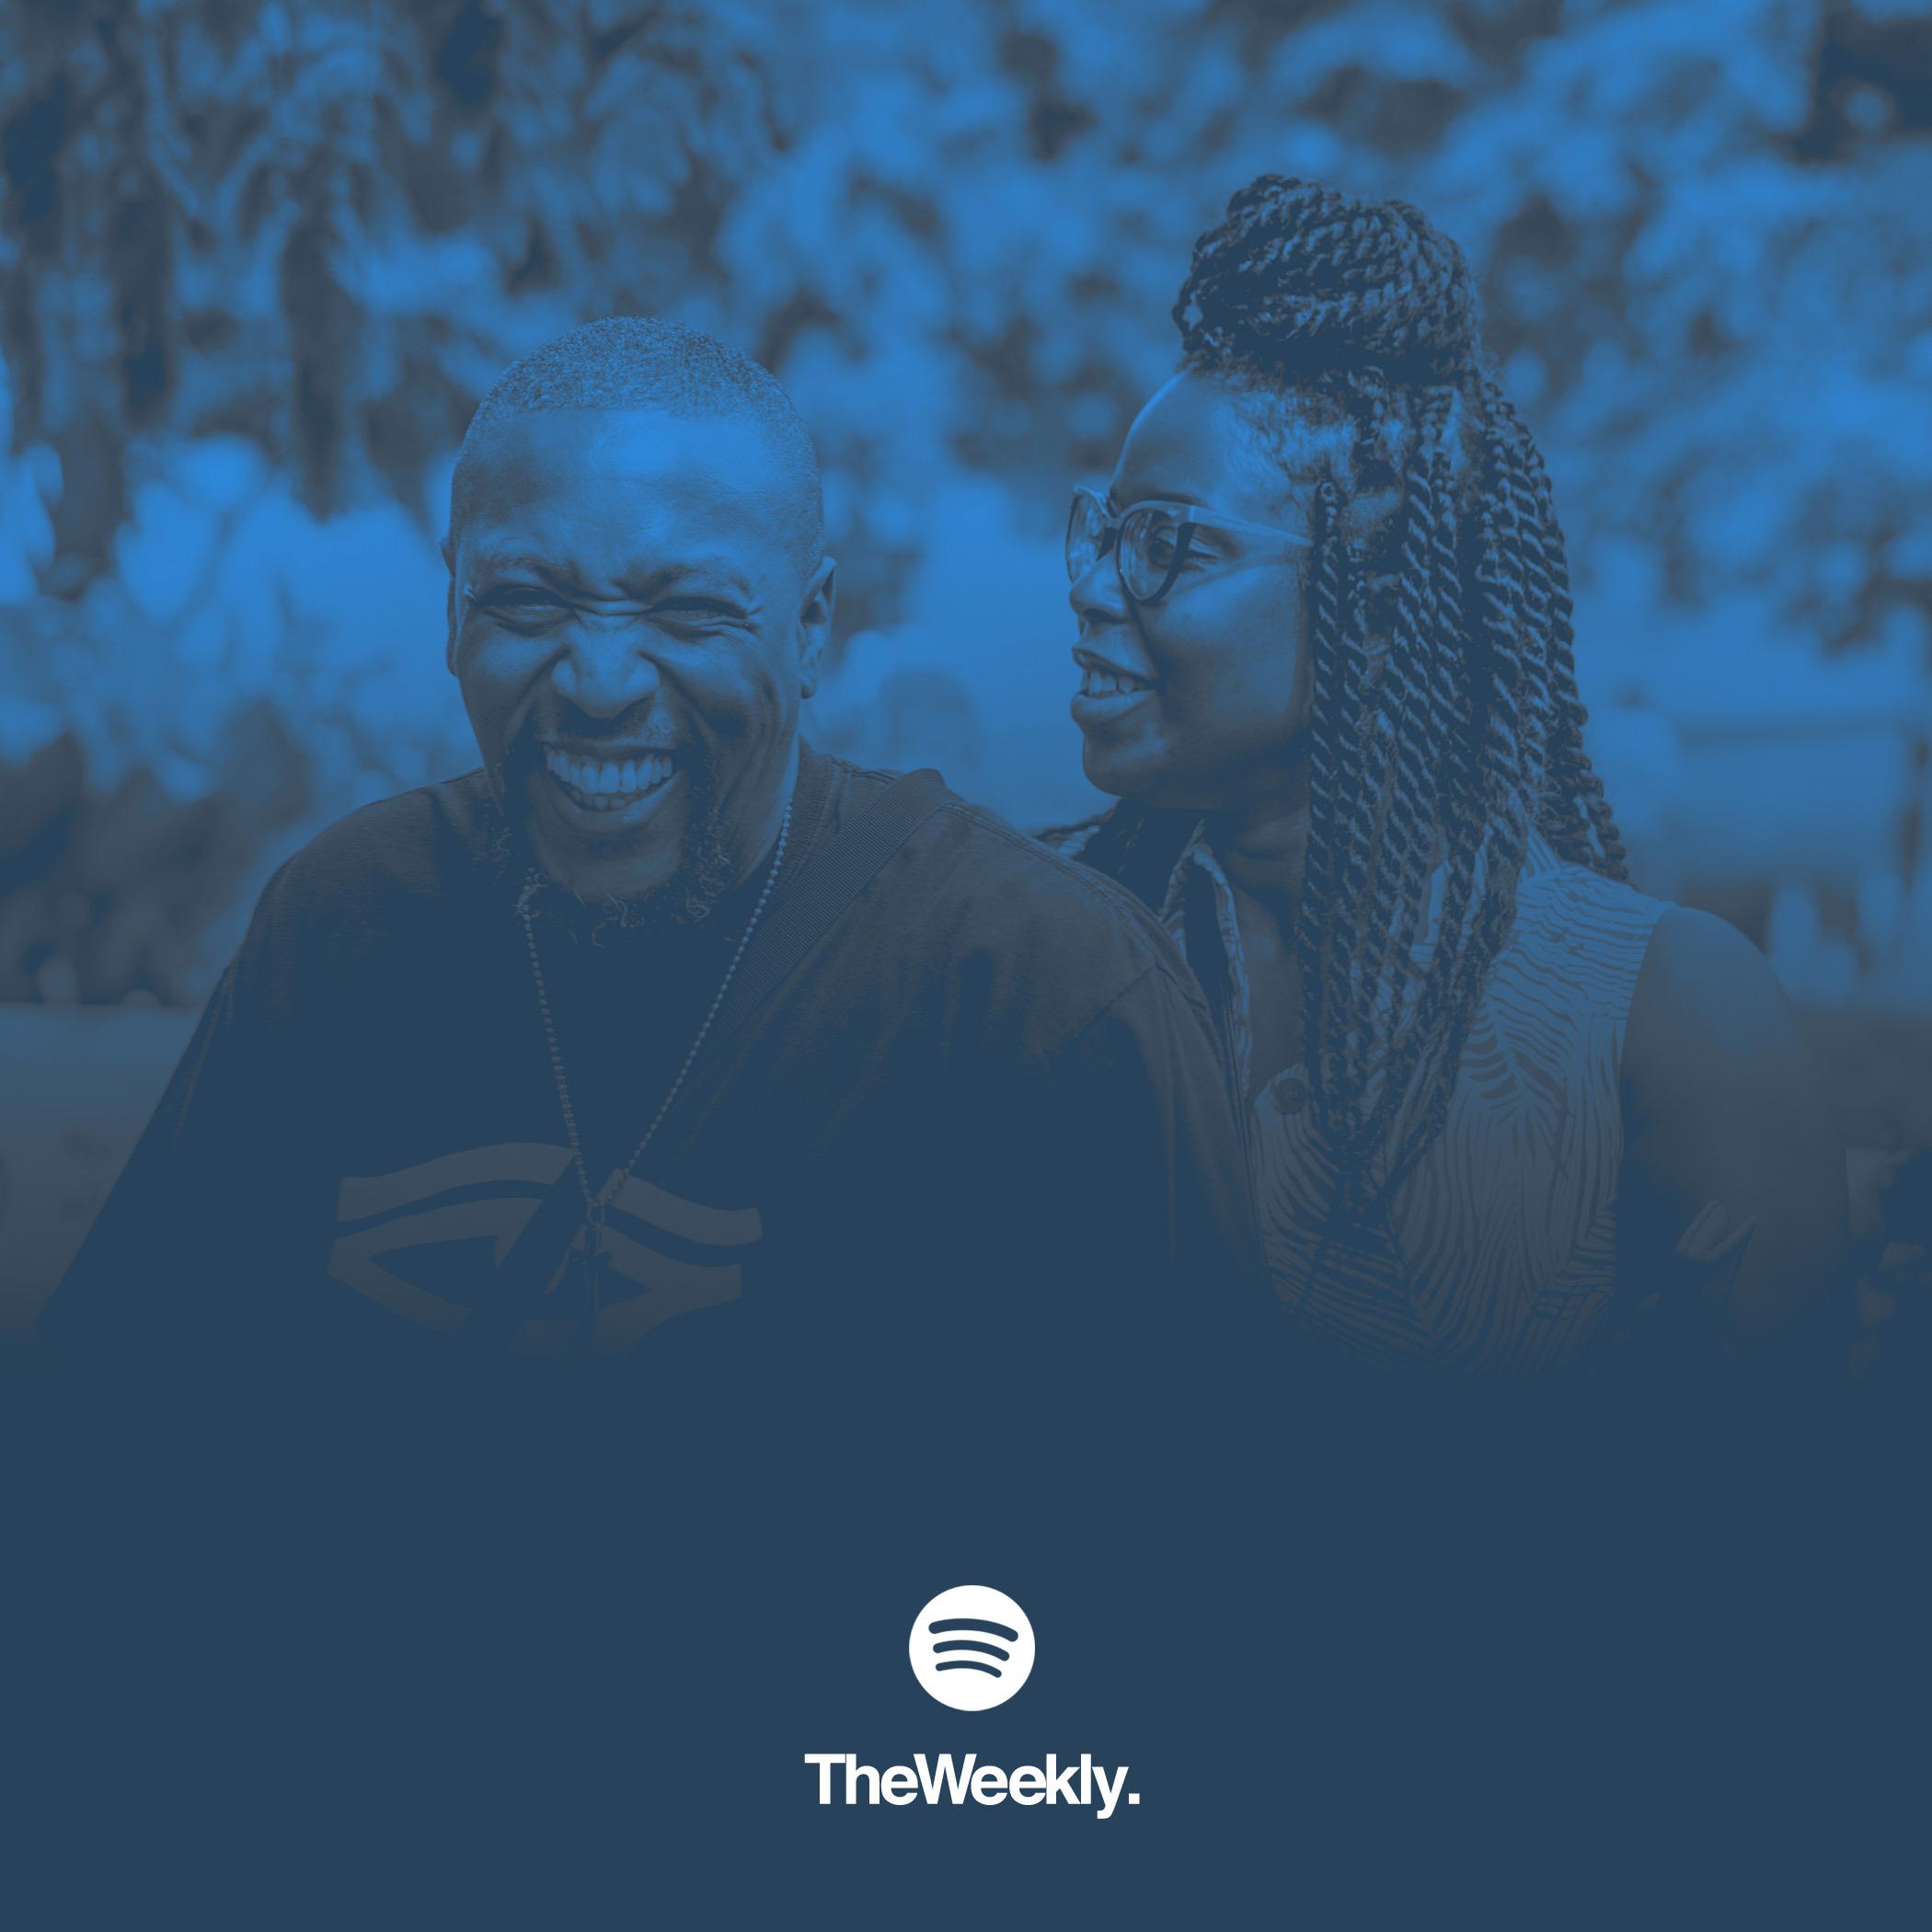 Spotify_TheWeekly43_BLUE.jpeg